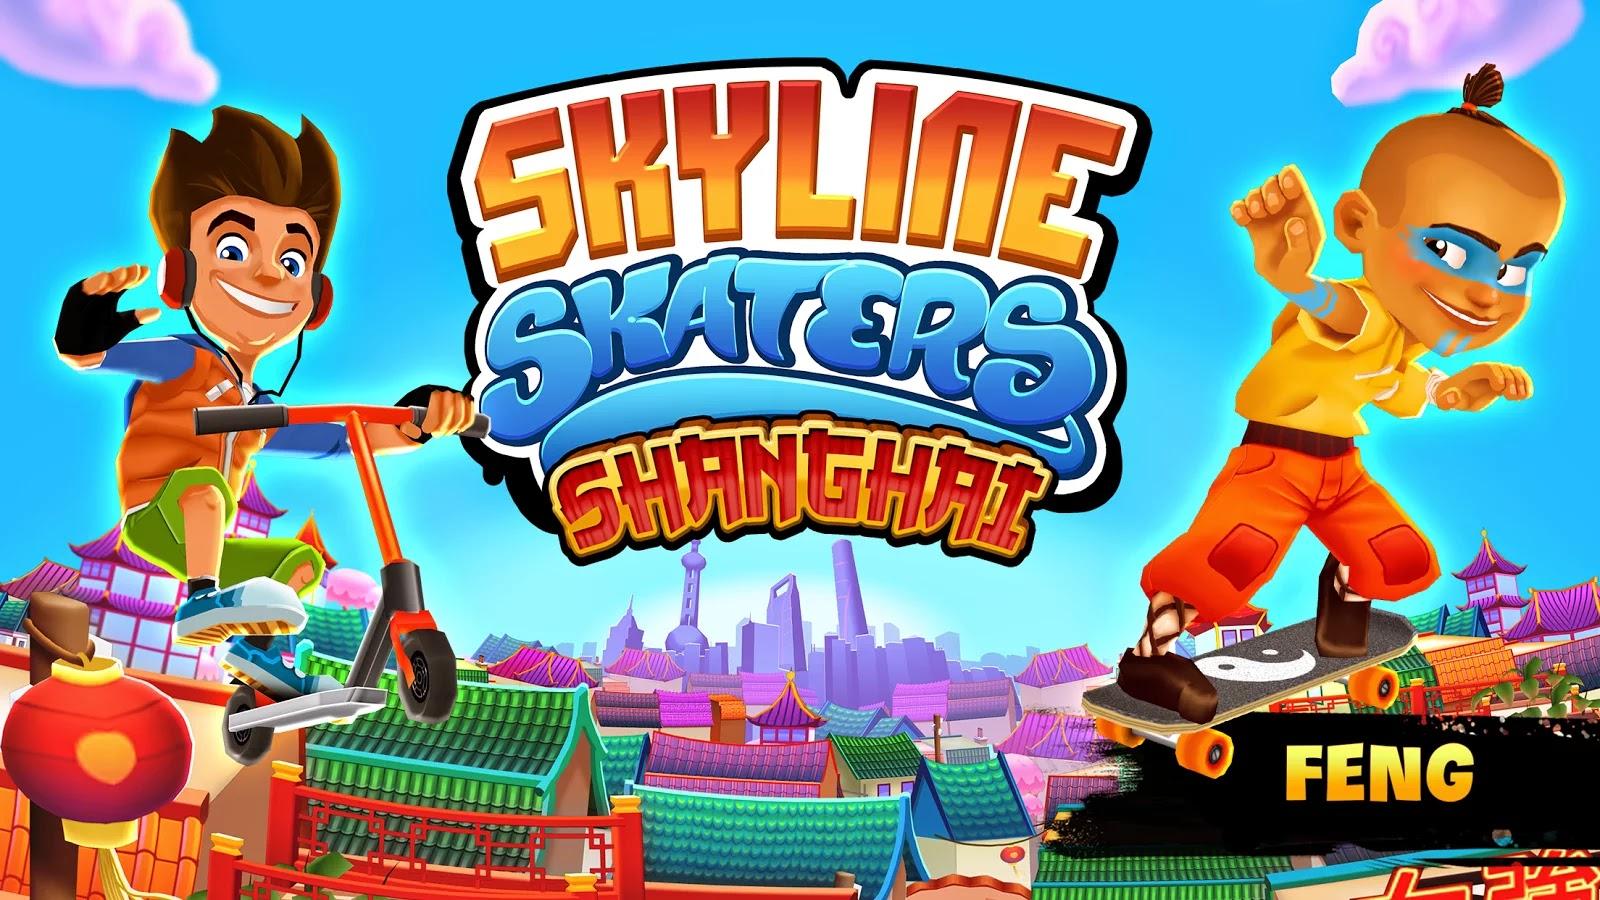 Skyline Skaters v2.0.1 Mod